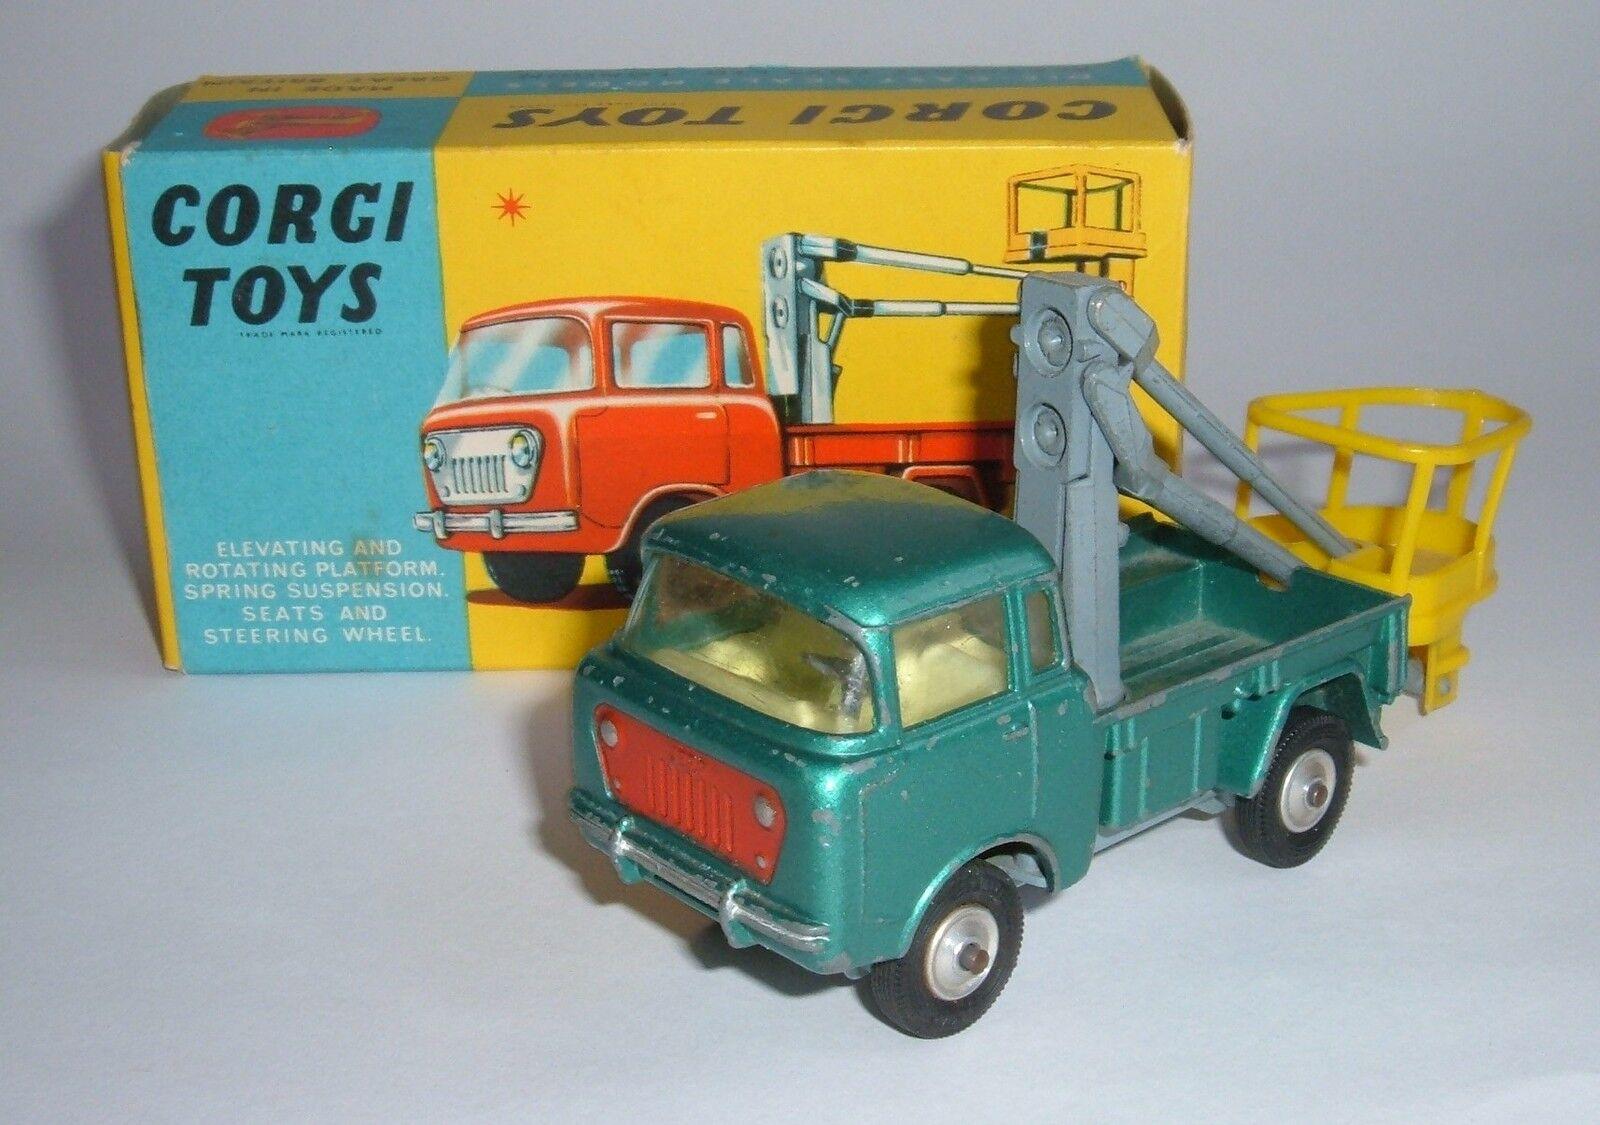 Corgi Toys No. 478, Hydraulic Tower Wagon on Foeward Control Jeep, - Good